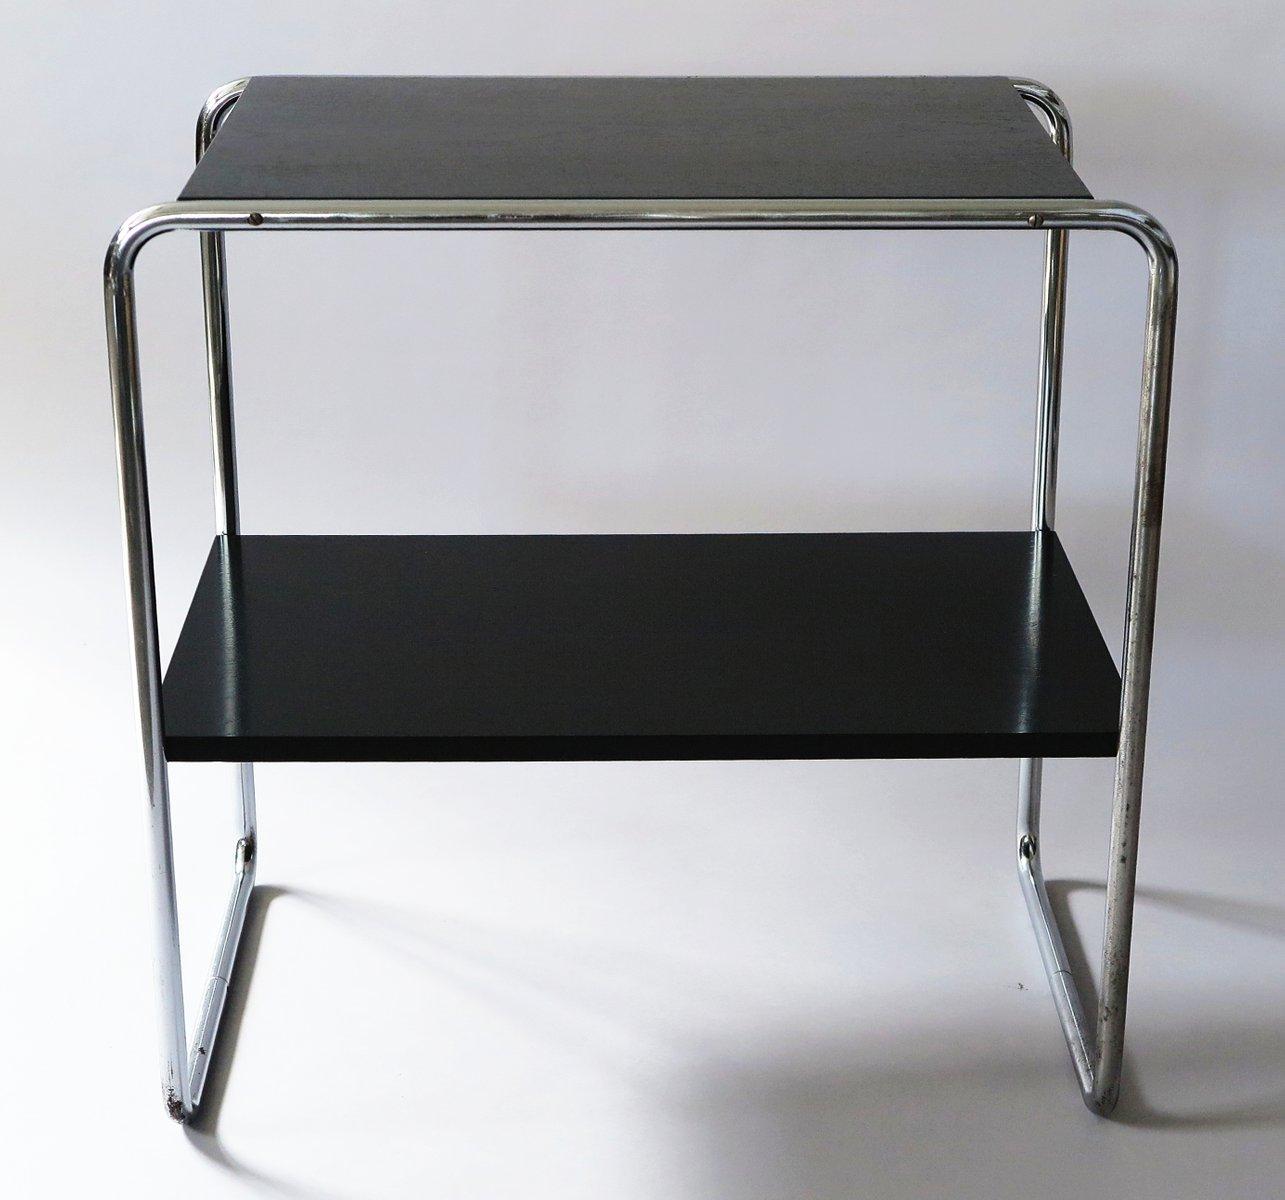 tubul rer beistelltisch mit ablage 1930er bei pamono kaufen. Black Bedroom Furniture Sets. Home Design Ideas